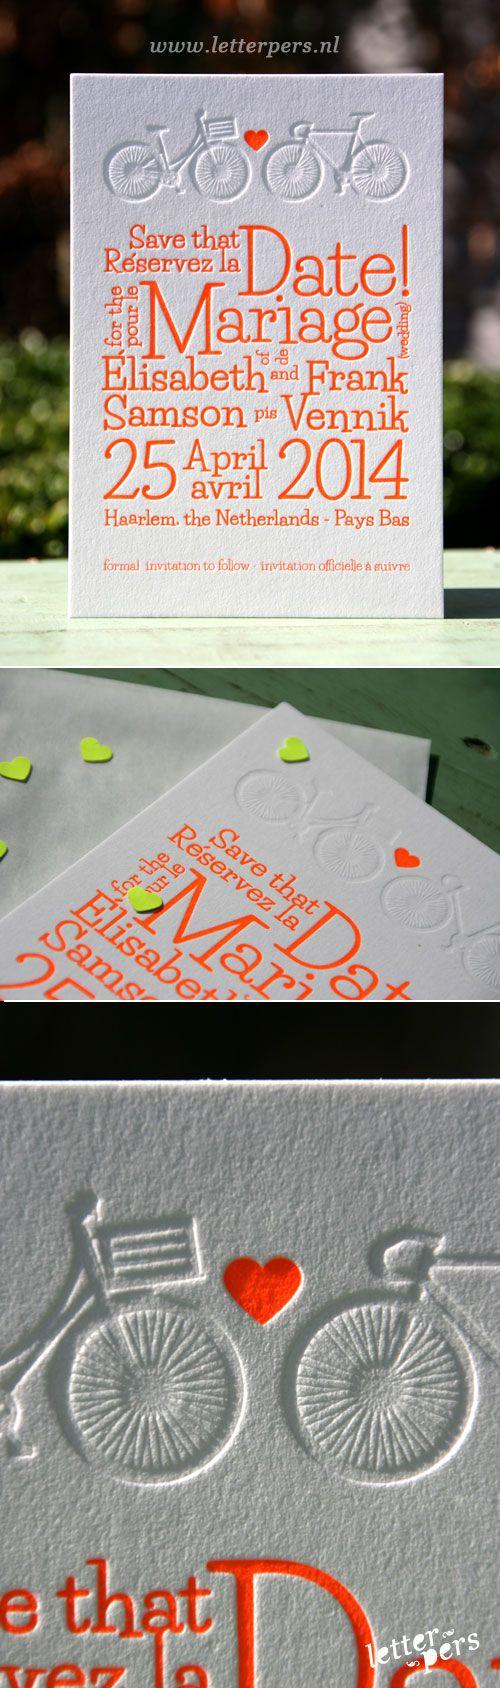 letterpers_letterpress_save_the_date_Frank_fietsen_blinddruk_hart_confetti